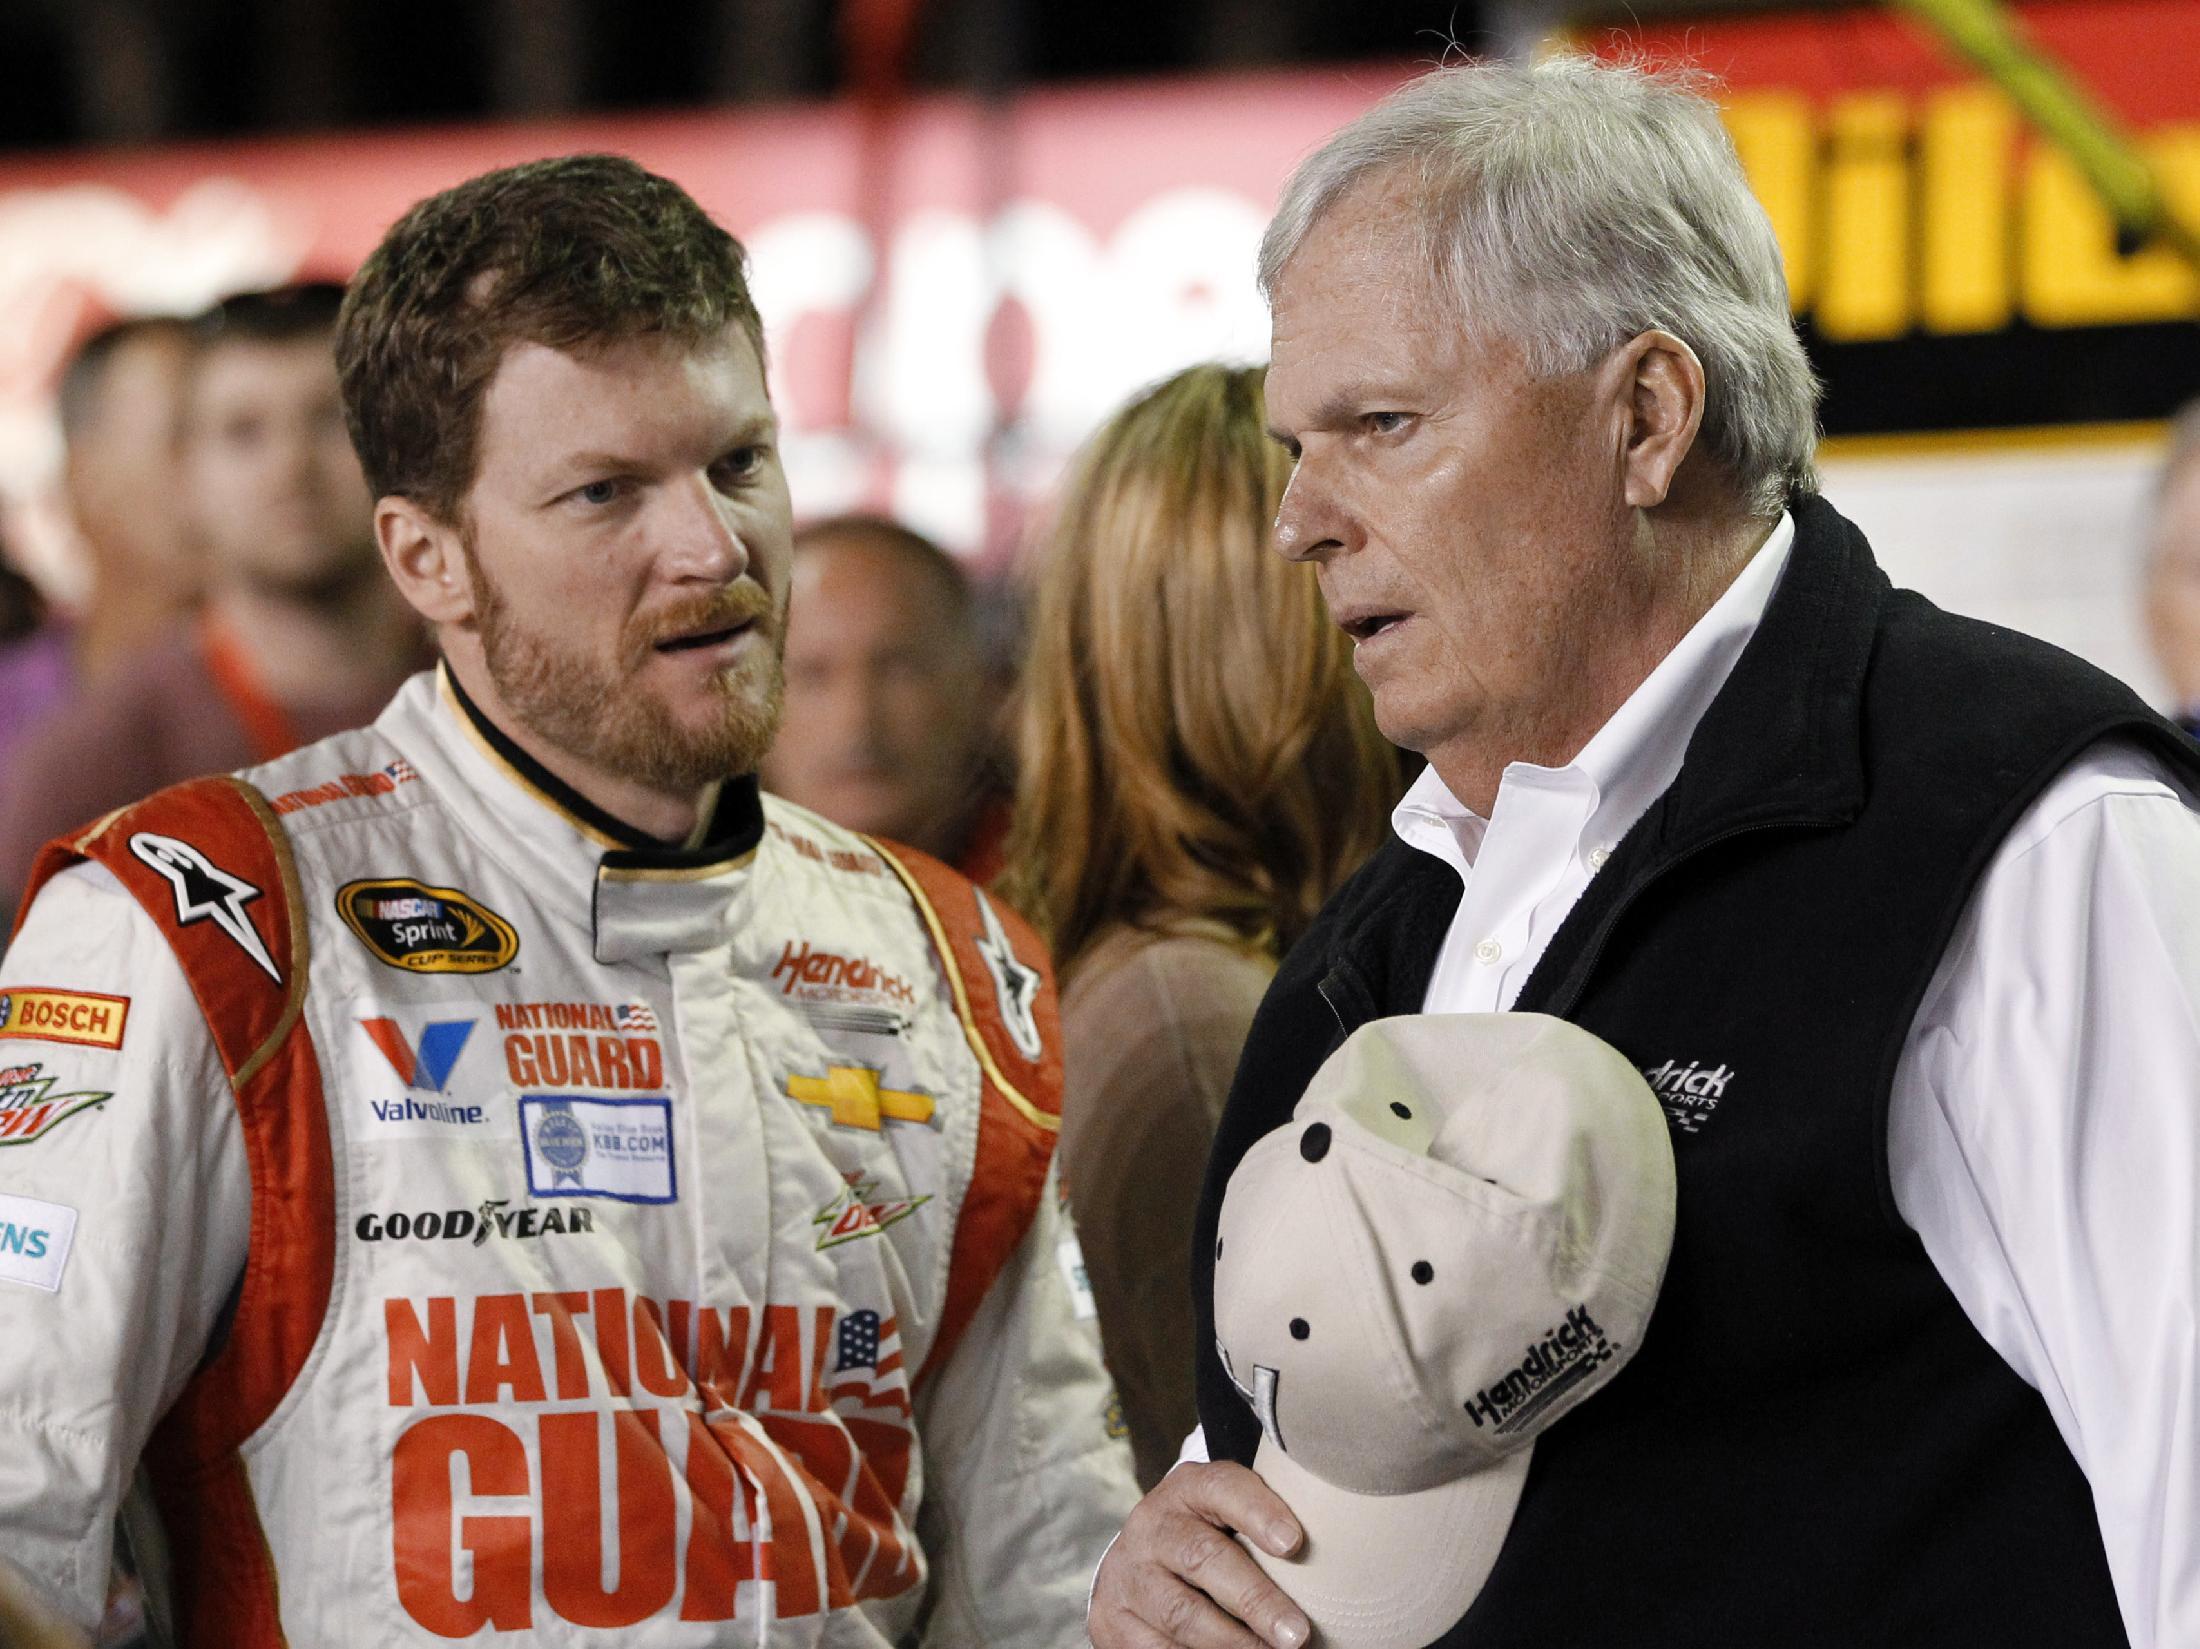 Hamlin, Kenseth win Daytona 500 qualifying races